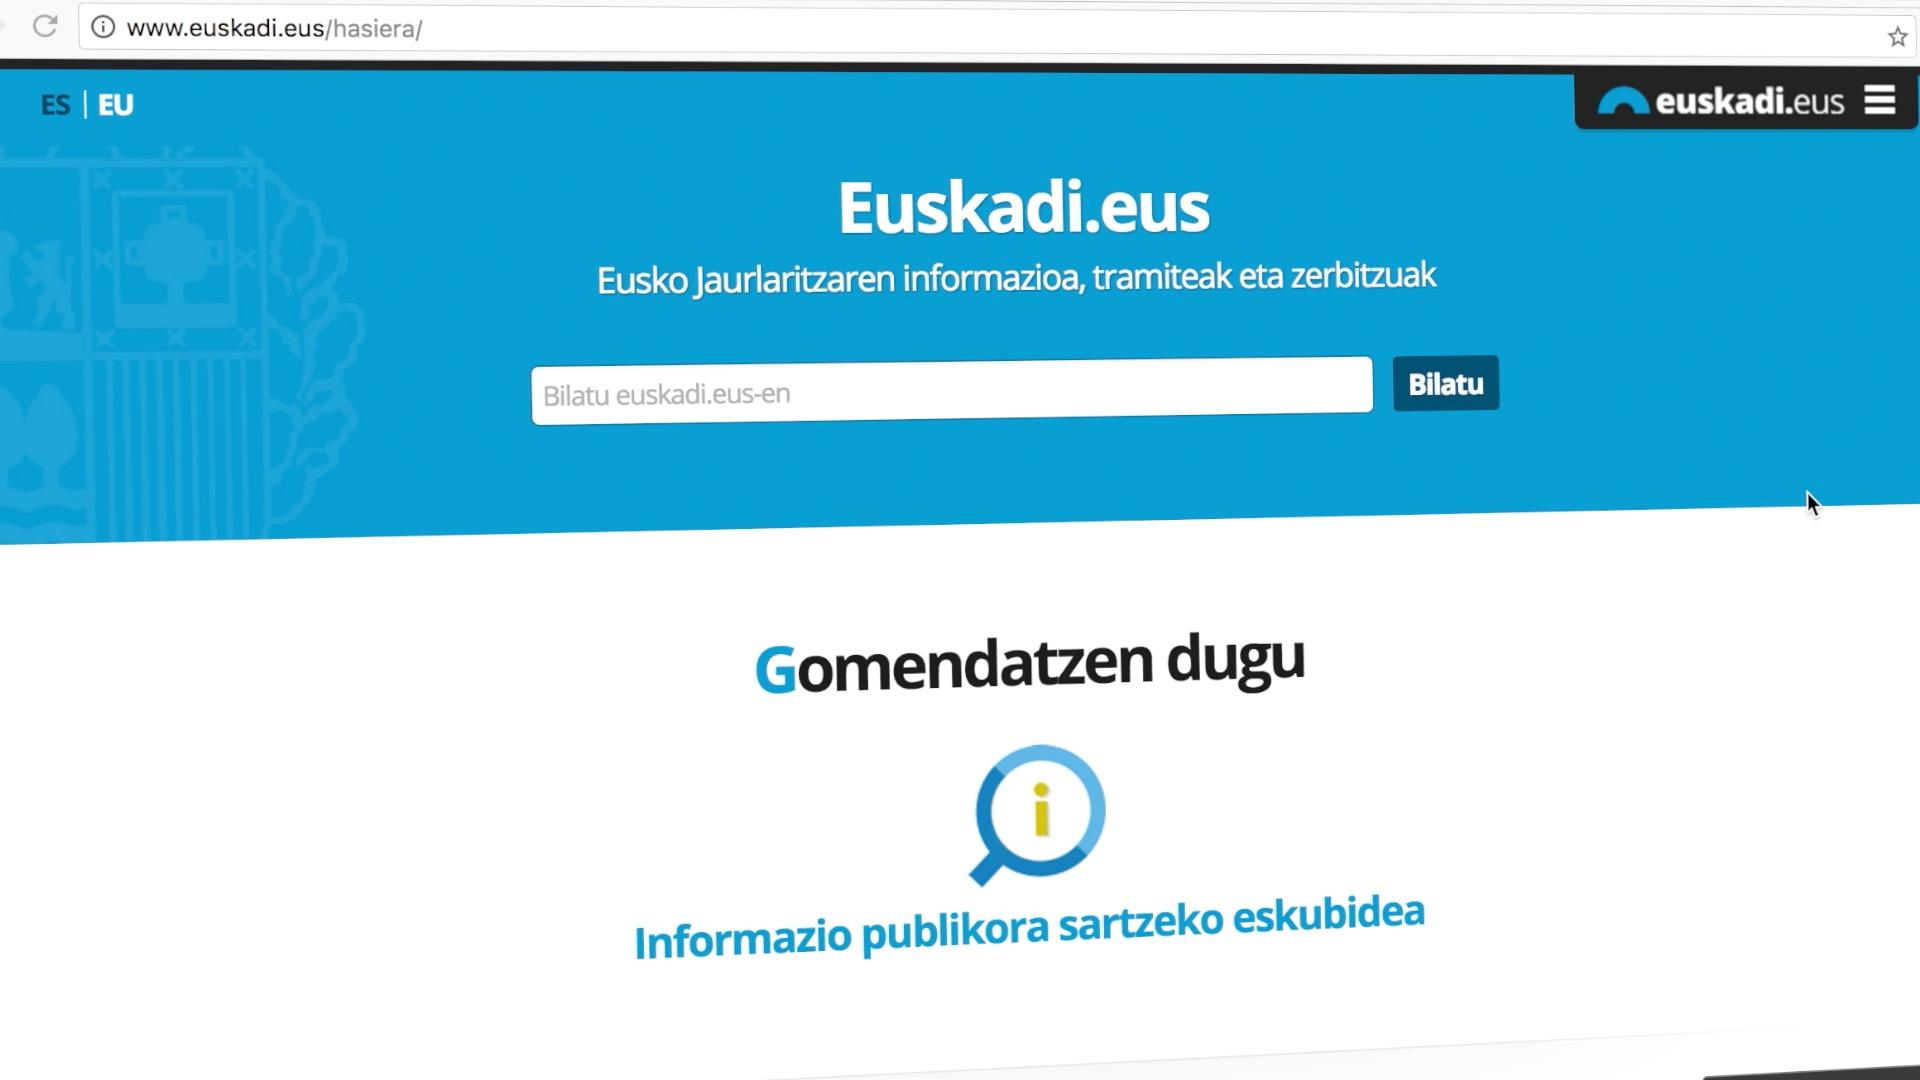 Eusko Jaurlaritzak informazio publikora sartzeko eskubidea erabiltzera bultzatzen ditu herritarrak